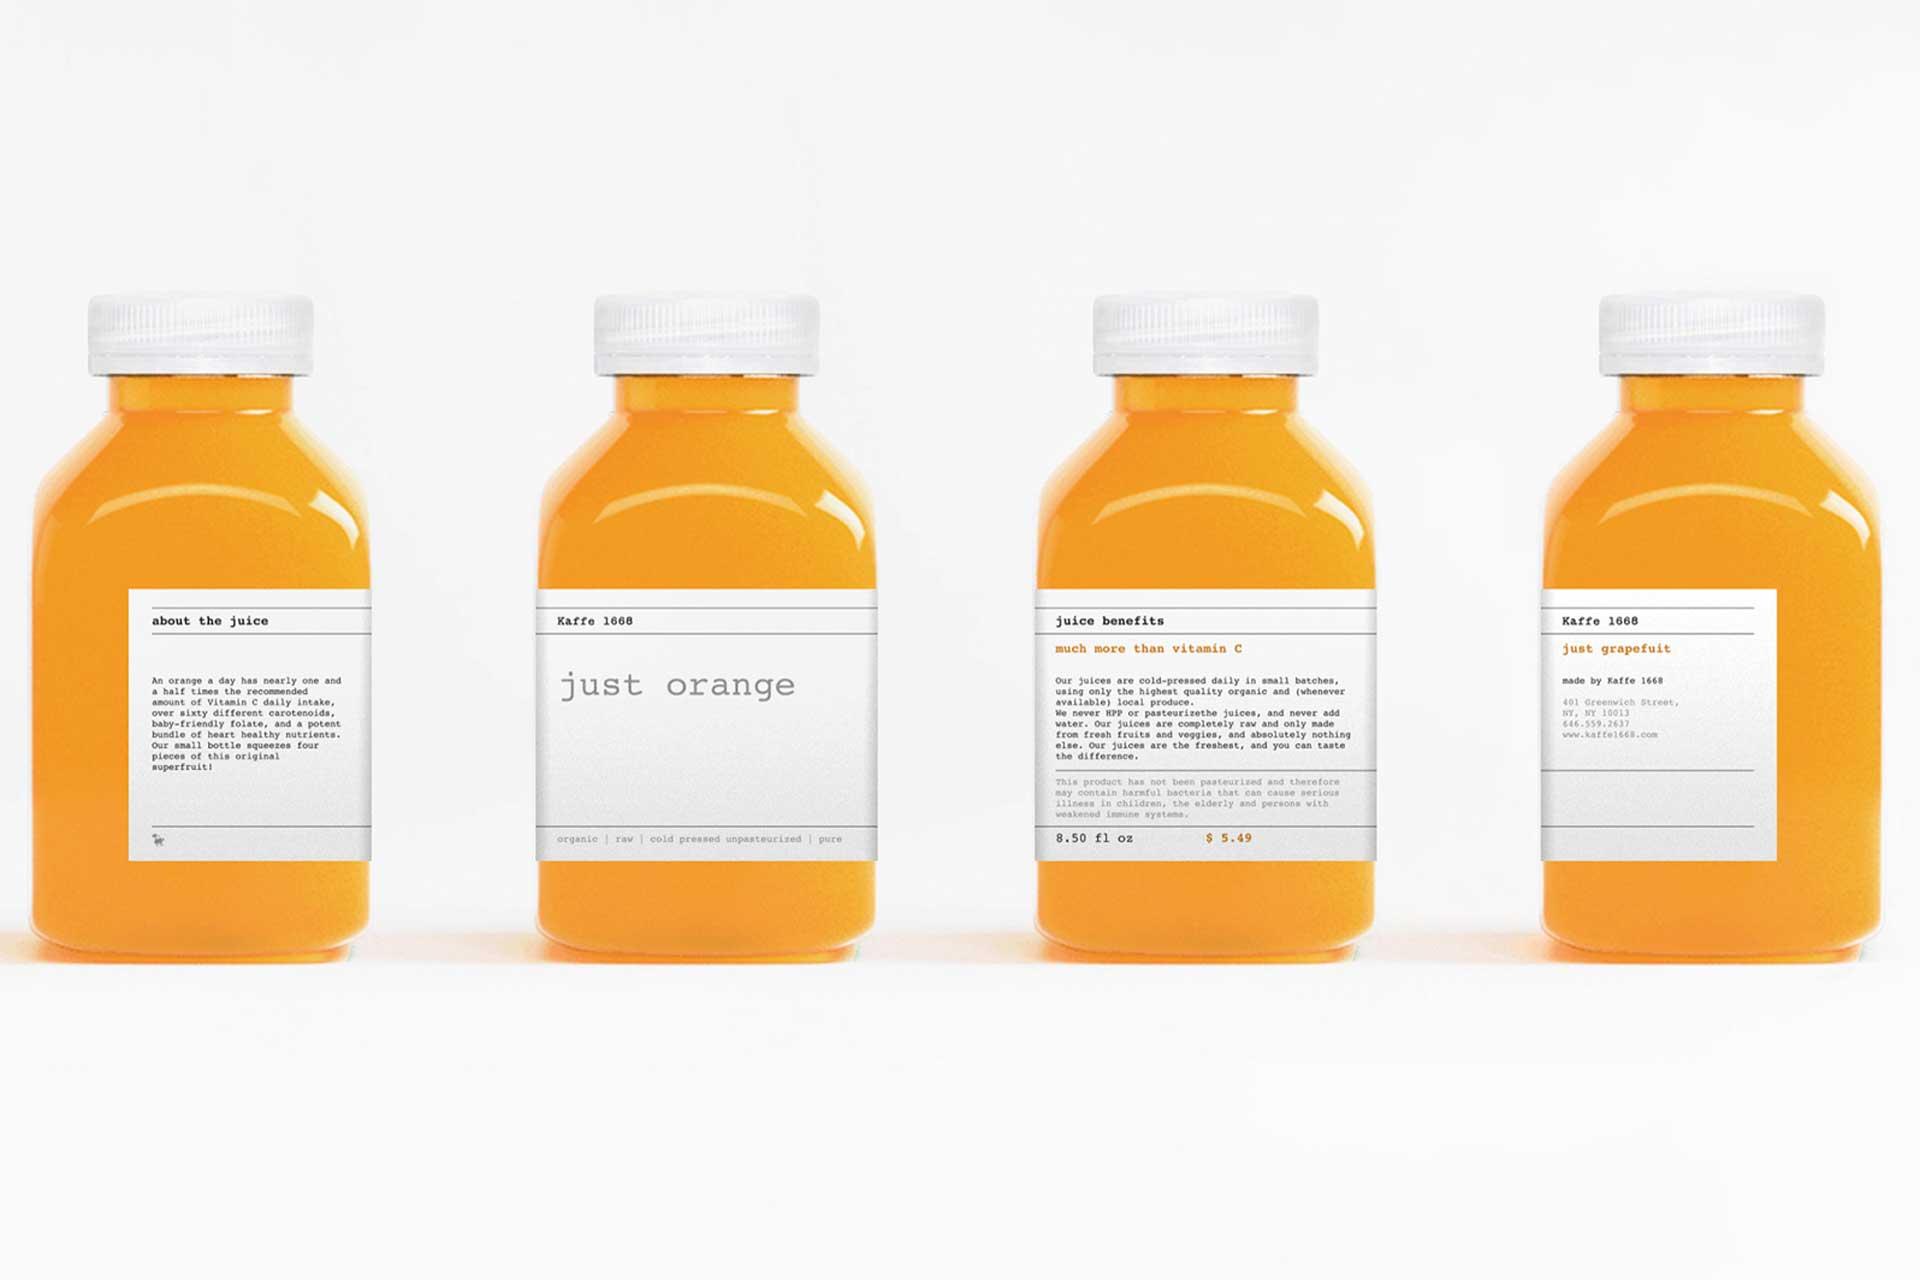 bouteille-jus-orange